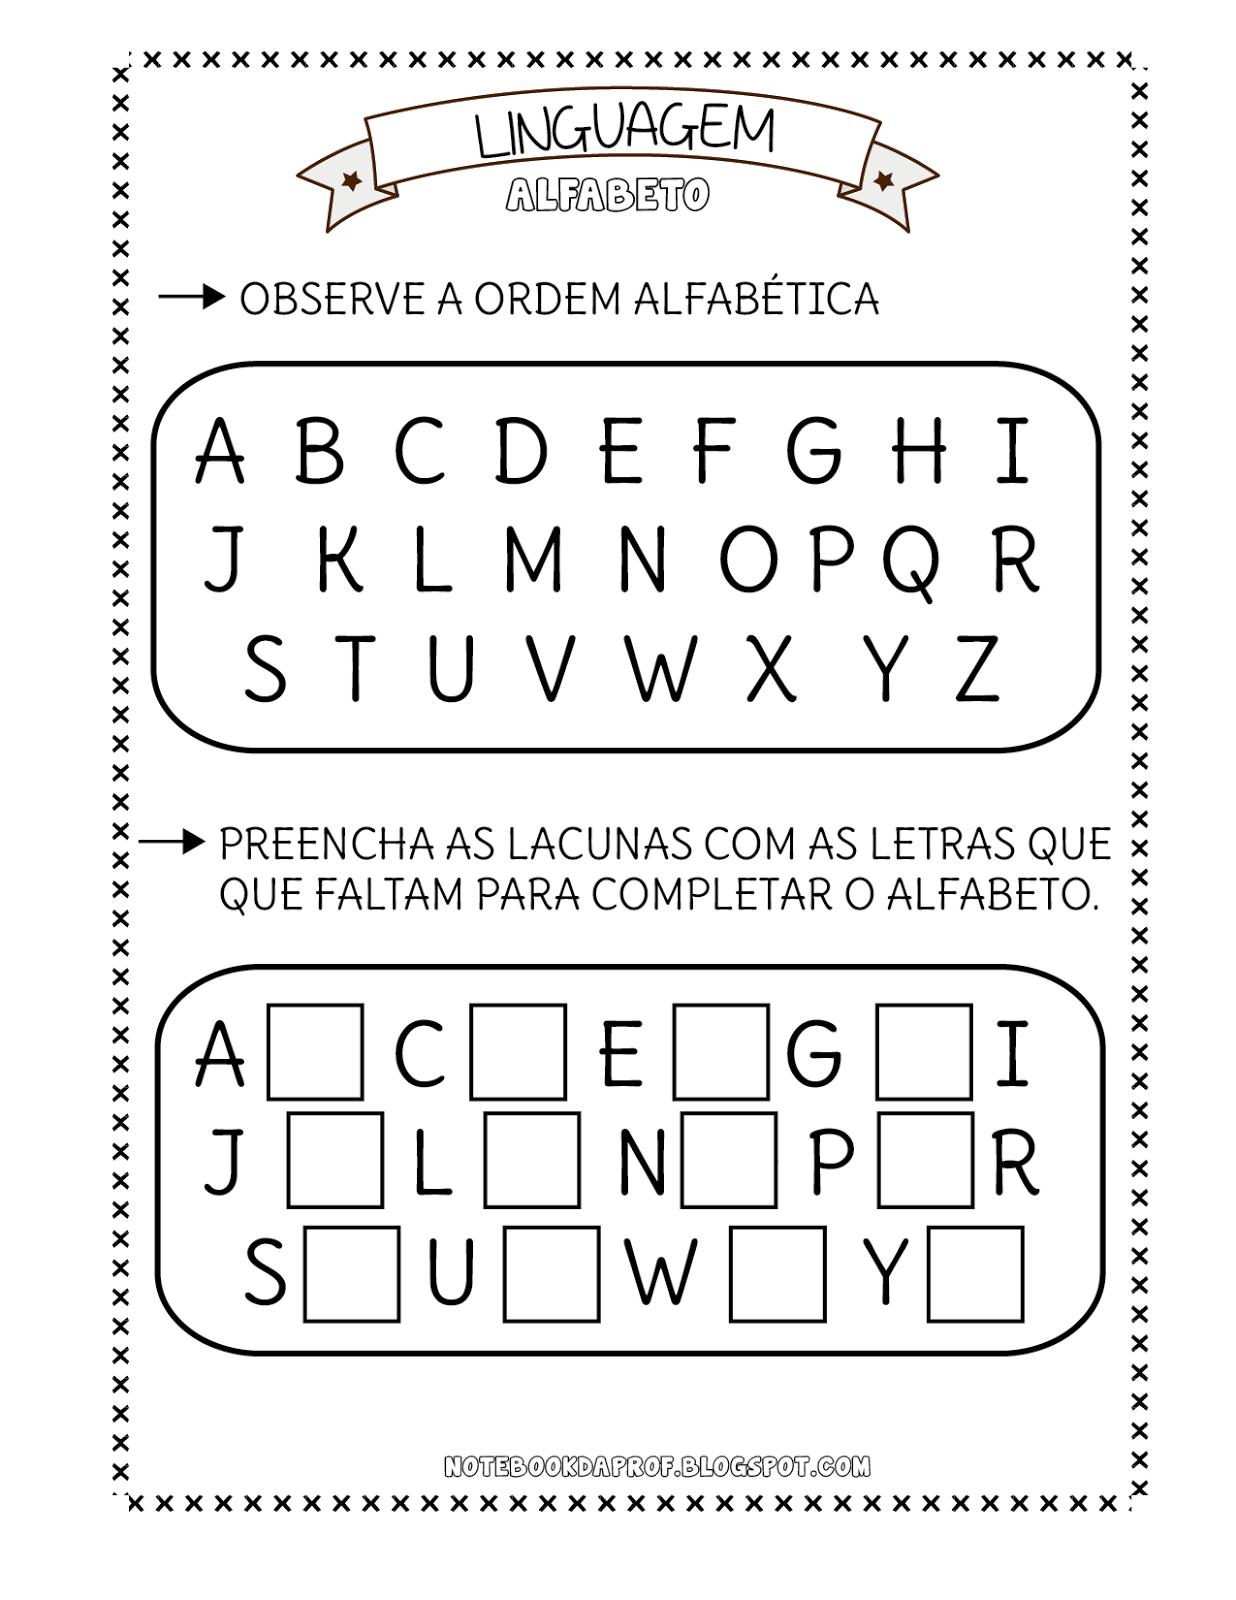 Excepcional Notebook da Profª: Atividades Alfabeto MX53